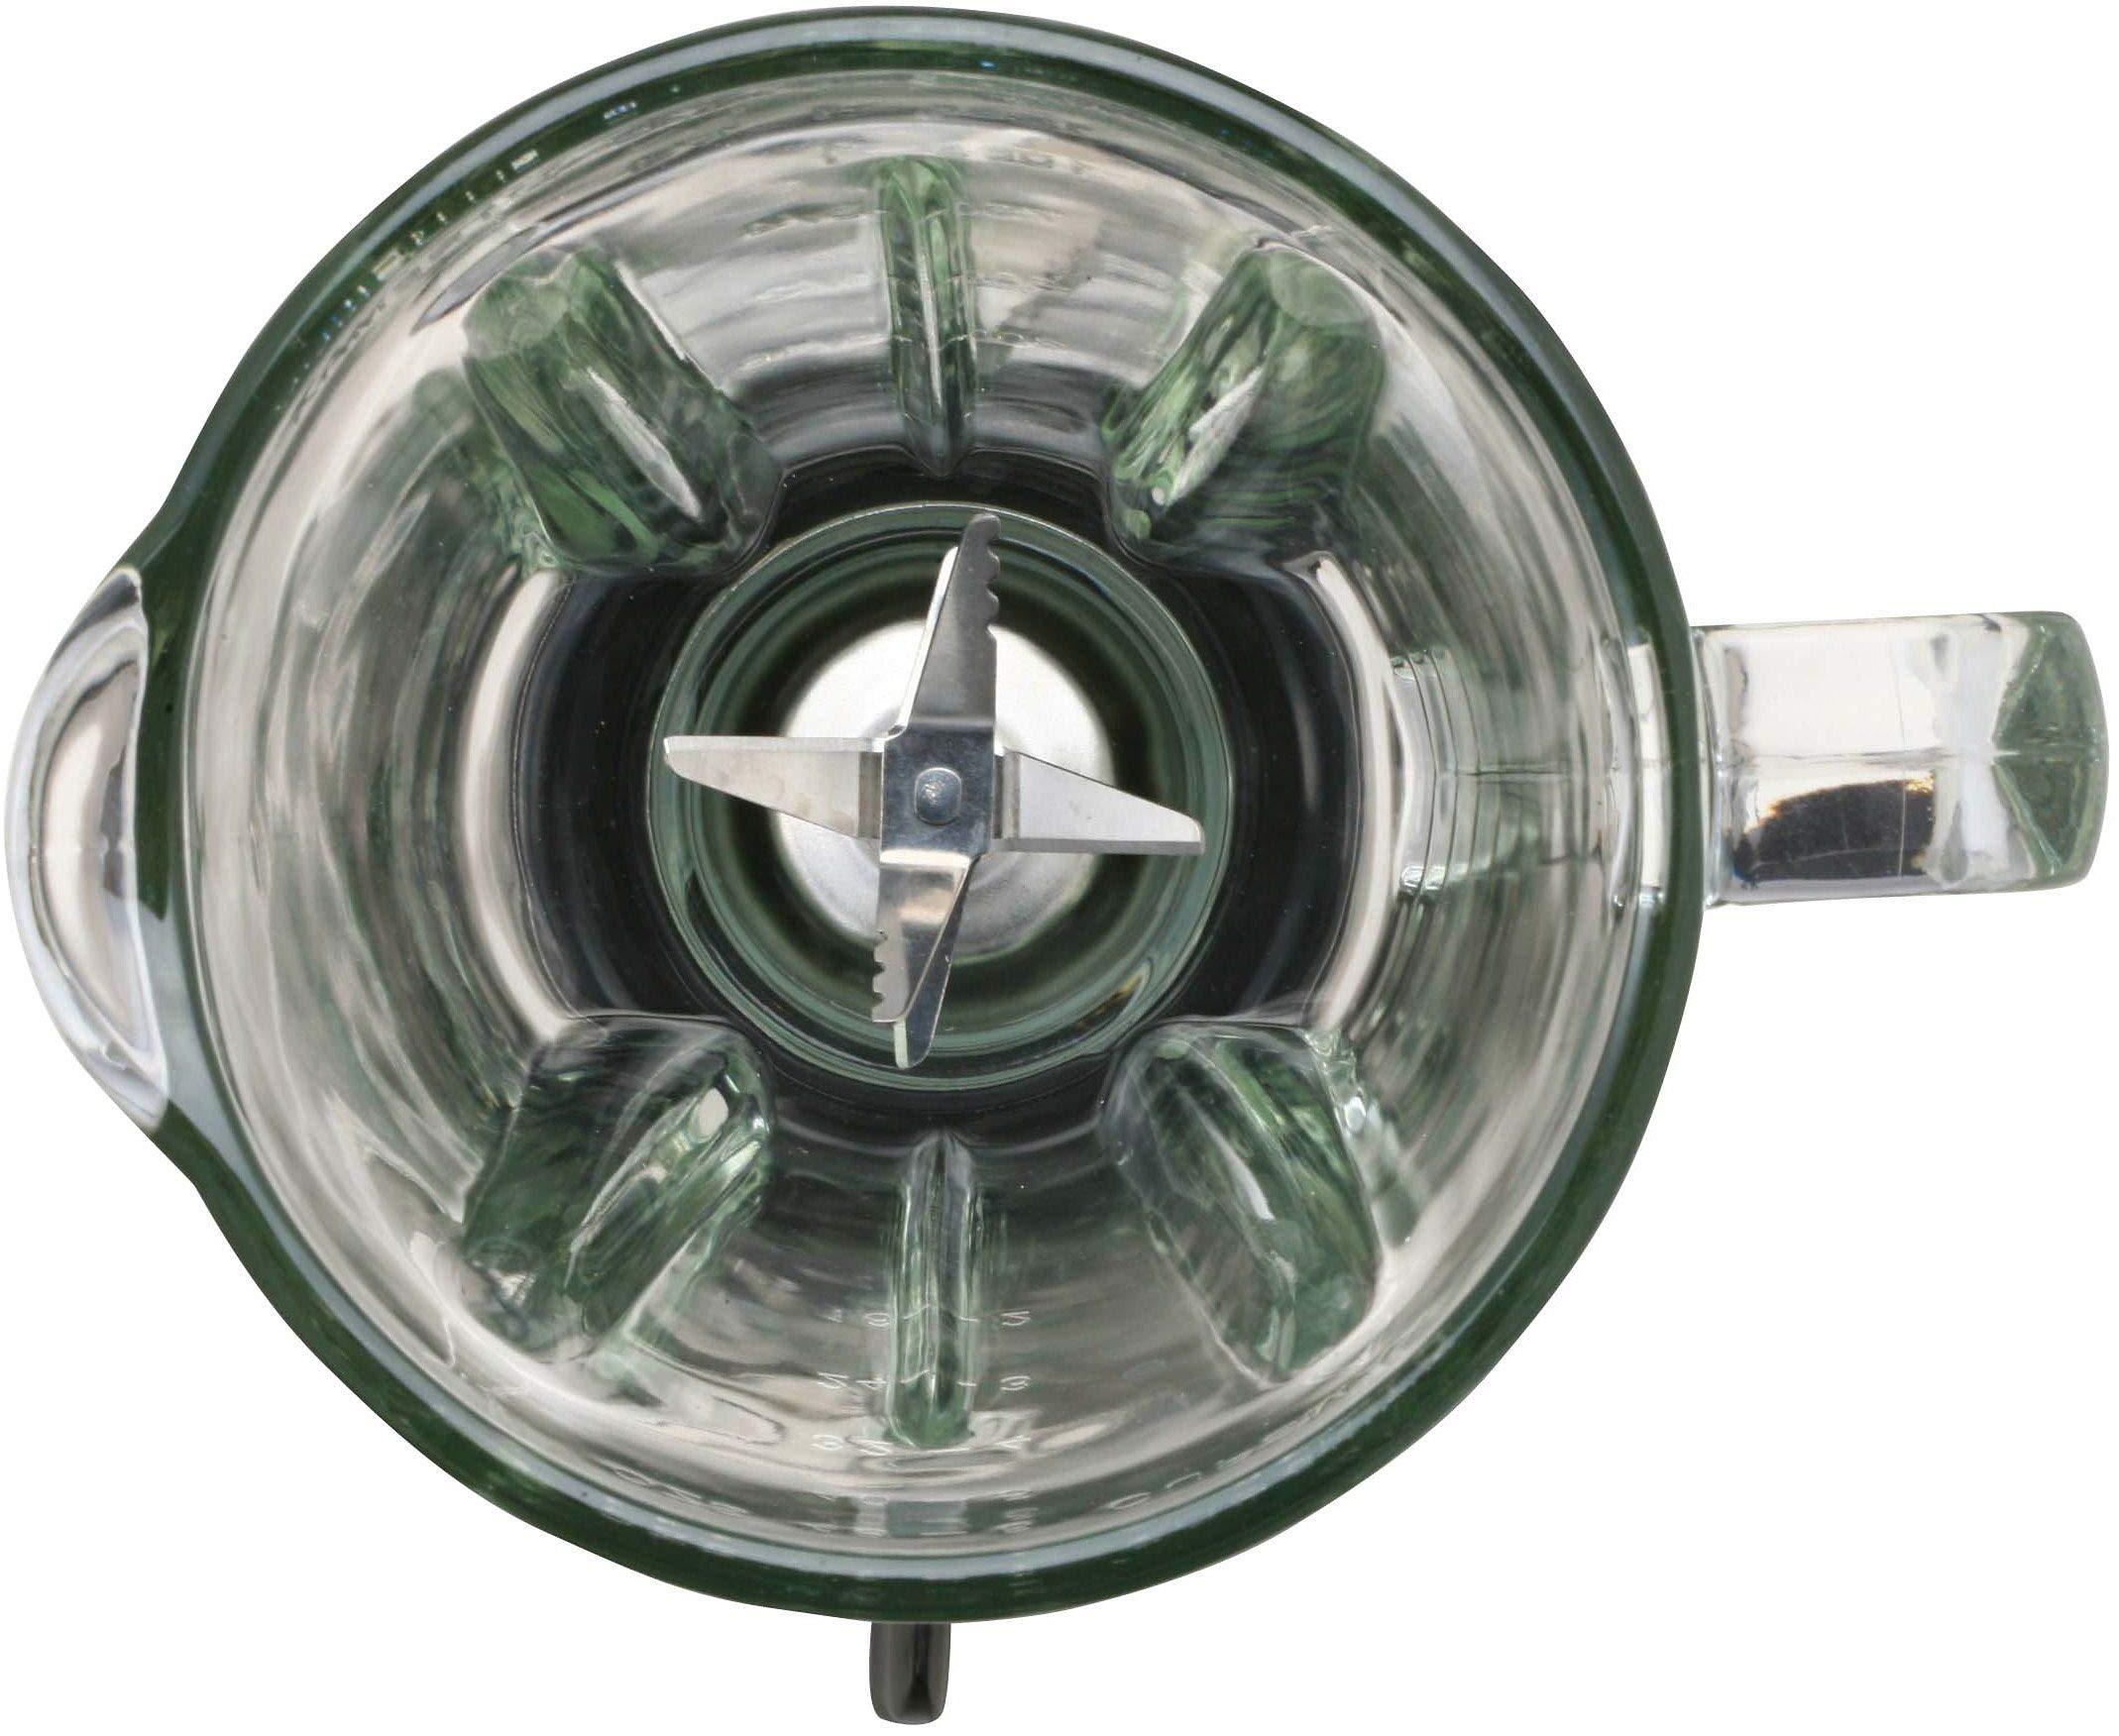 VitaSpeed-SP50-Standmixer-Mixer-500W-Eiscrusher-mit-Edelstahl-Klingen-Blender-15-L-Glasbehlter-Smoothiemixer-mit-19000-Umin